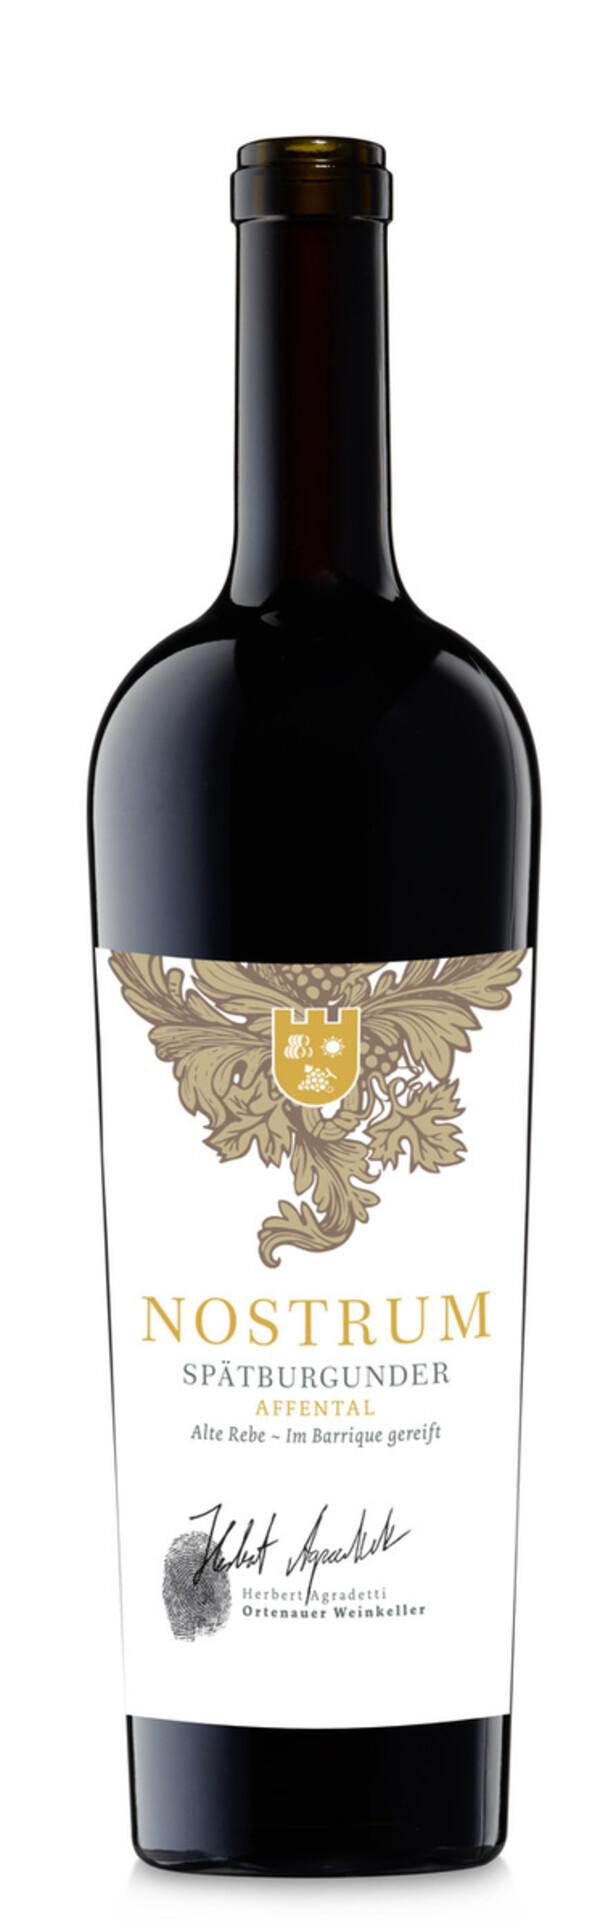 Ortenauer Weinkellerei Nostrum Spätburgunder trocken 2016 0,75L